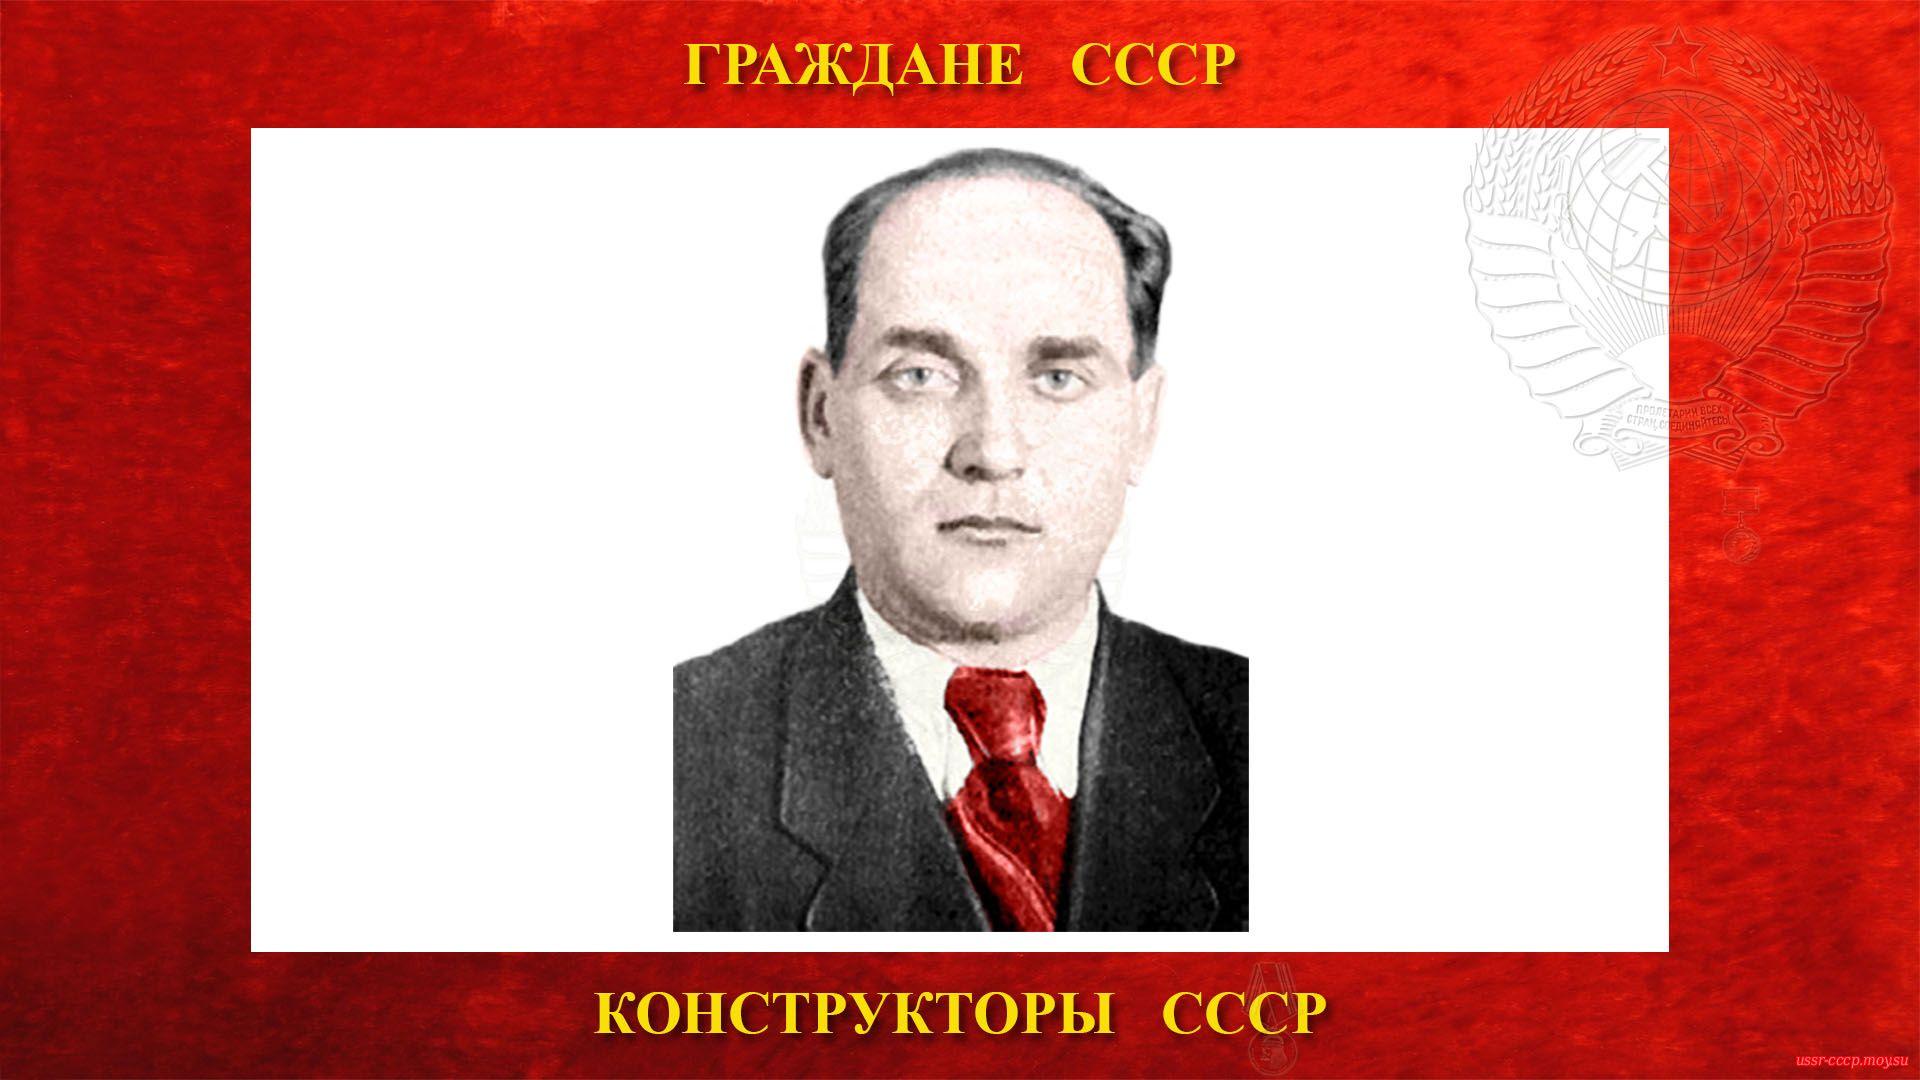 Лимановский Григорий Михайлович — инженер-конструктор СССР